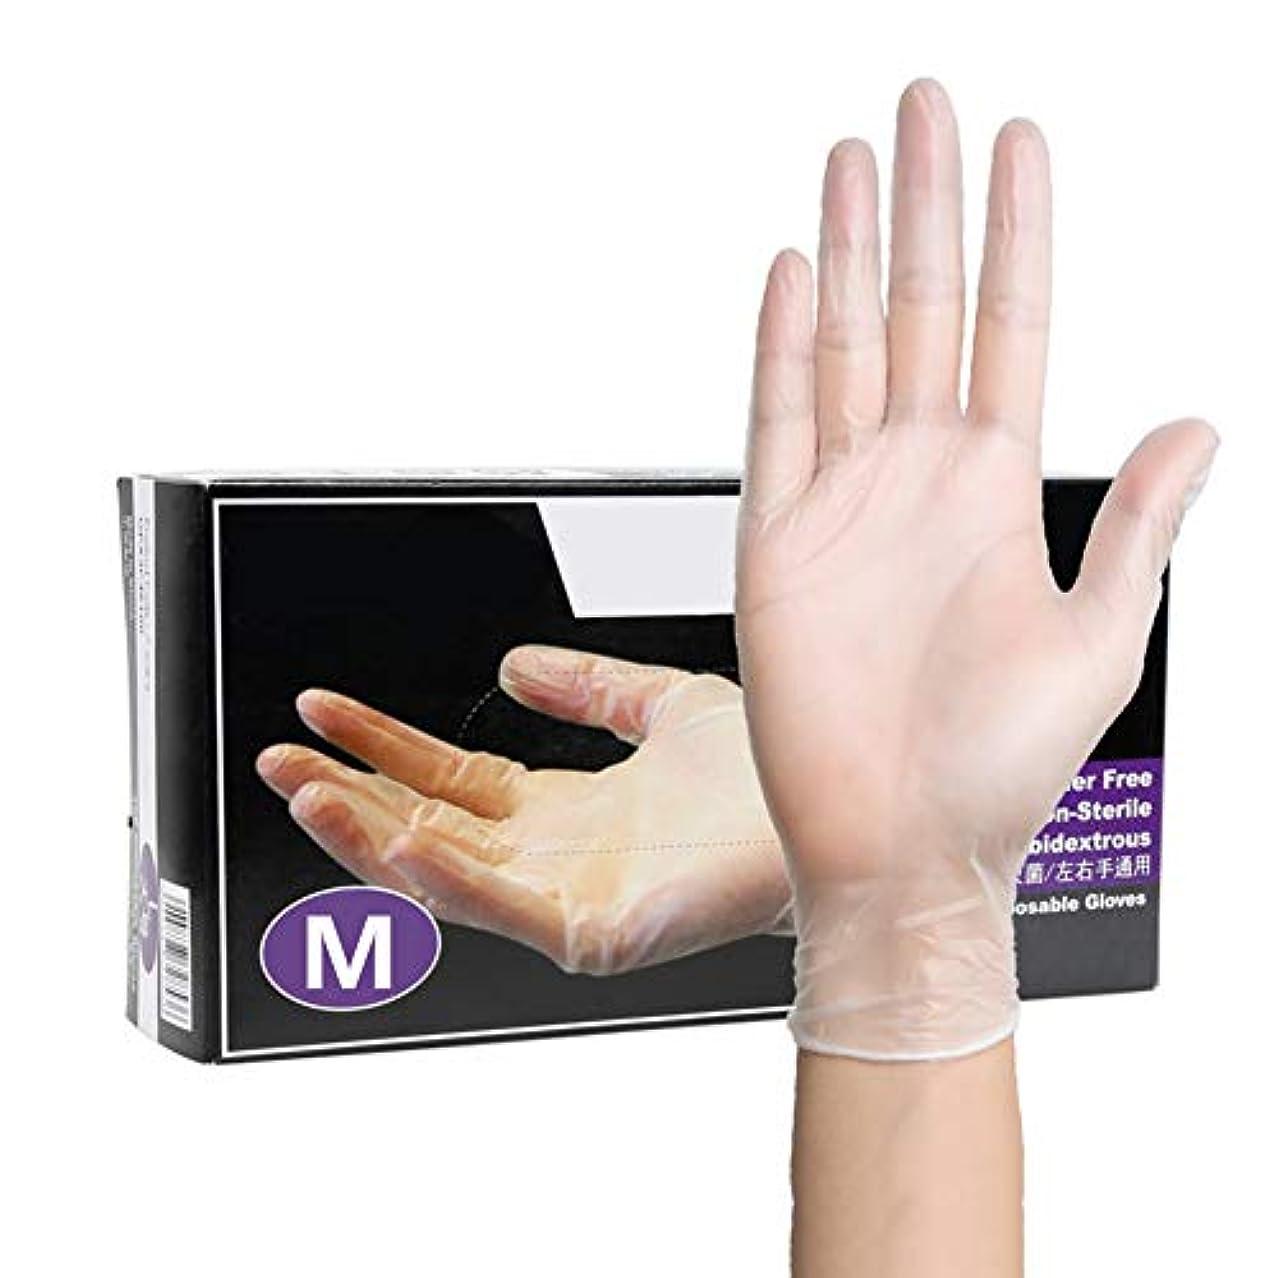 現金ビーチコントローラ使い捨て トランスペアレント ビニール 手袋、 パウダーフリー、ラテックスフリー、にとって 家庭用クリーニ ング 美容タトゥー 作業 グローブ、(100 Pcs /1 Box),M